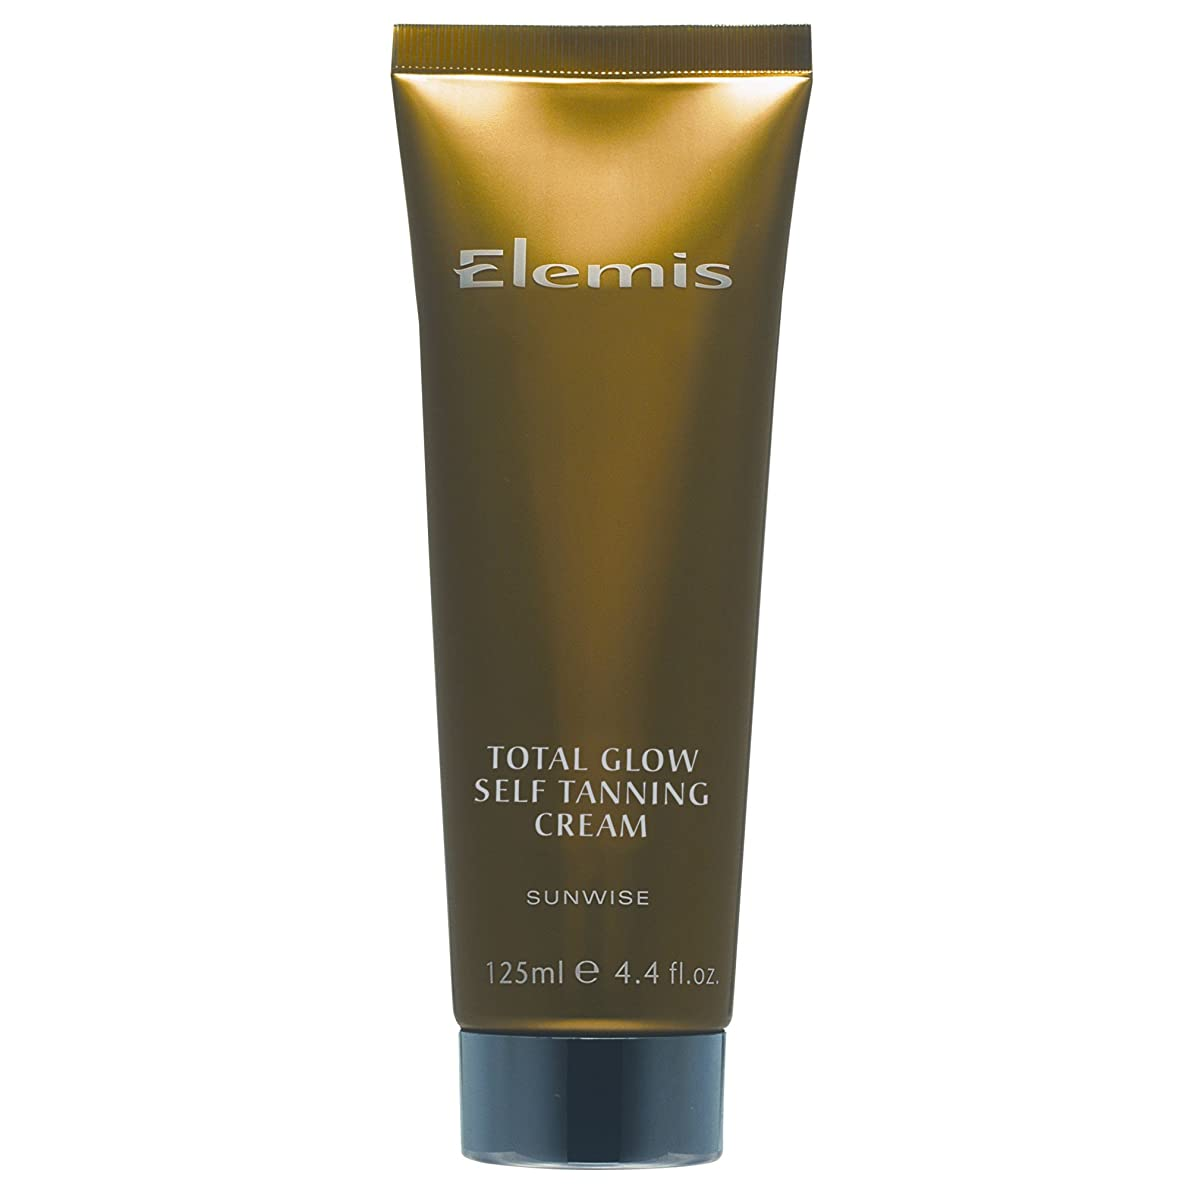 秘書火曜日トリクルエレミス太陽と同じ方向に合計グローセルフタンニングクリーム125ミリリットル (Elemis) (x6) - Elemis Sunwise Total Glow Self Tanning Cream 125ml (Pack of 6) [並行輸入品]